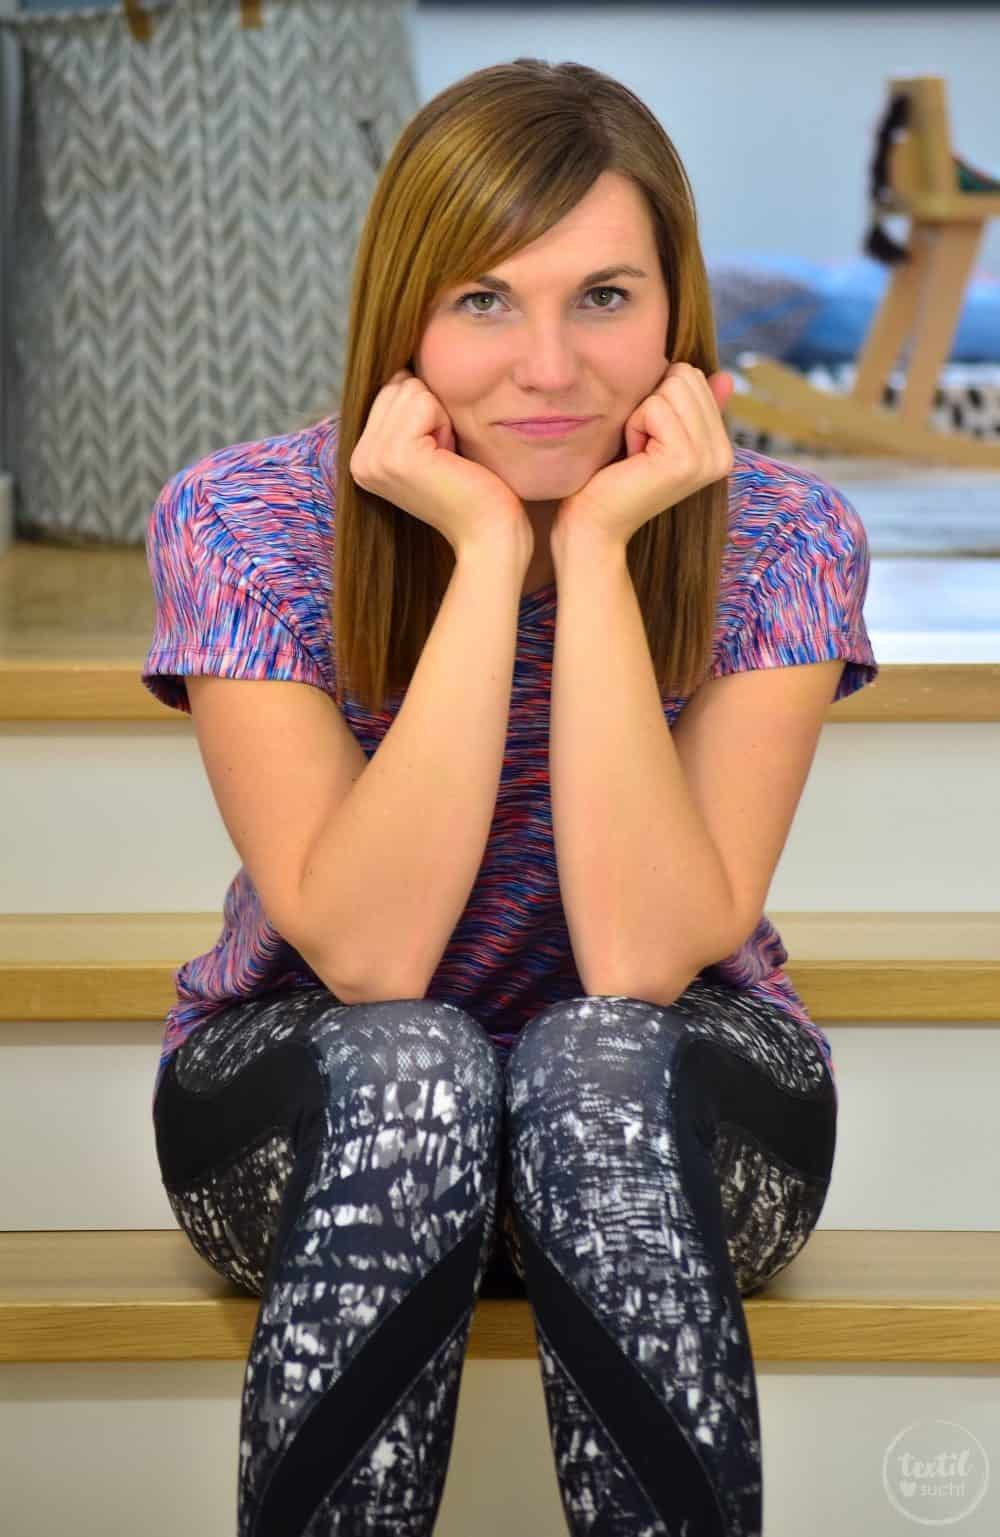 Sportshirt nähen: Amylee als Yogashirt - Bild 2 | textilsucht.de